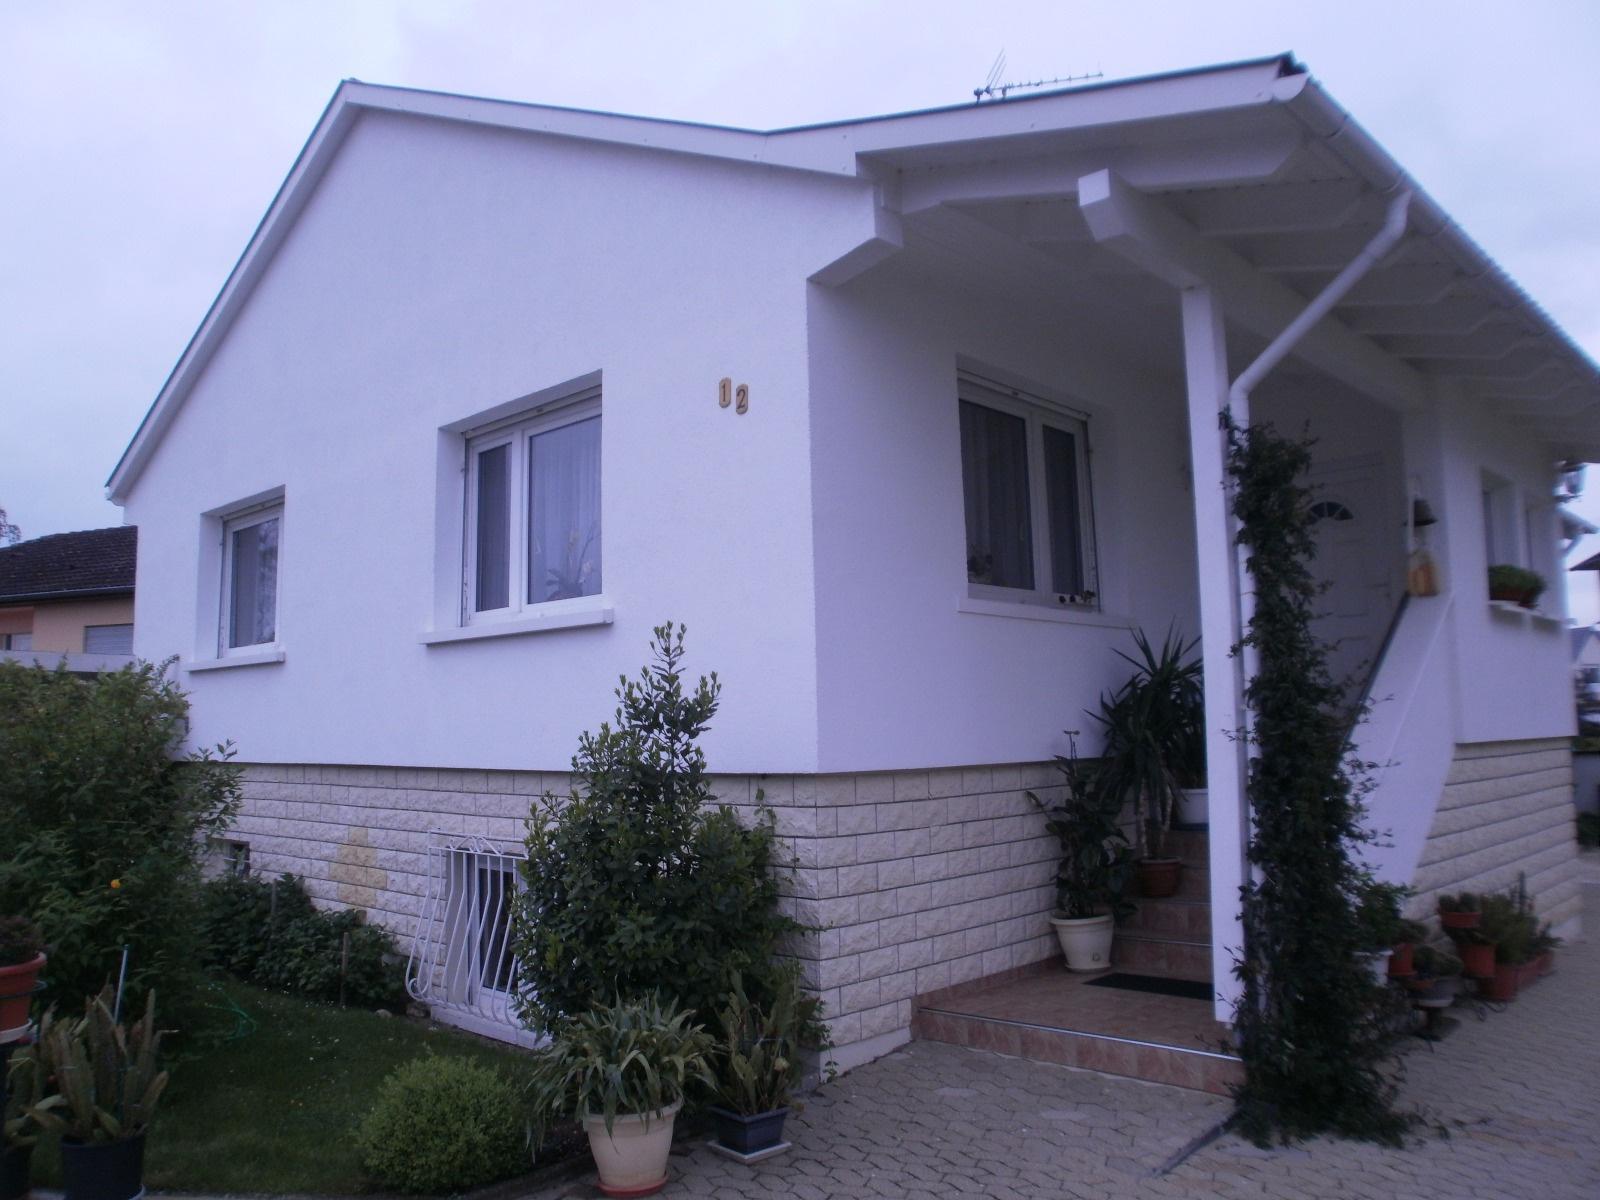 vente magnifique maison en viager occupe a brumath. Black Bedroom Furniture Sets. Home Design Ideas